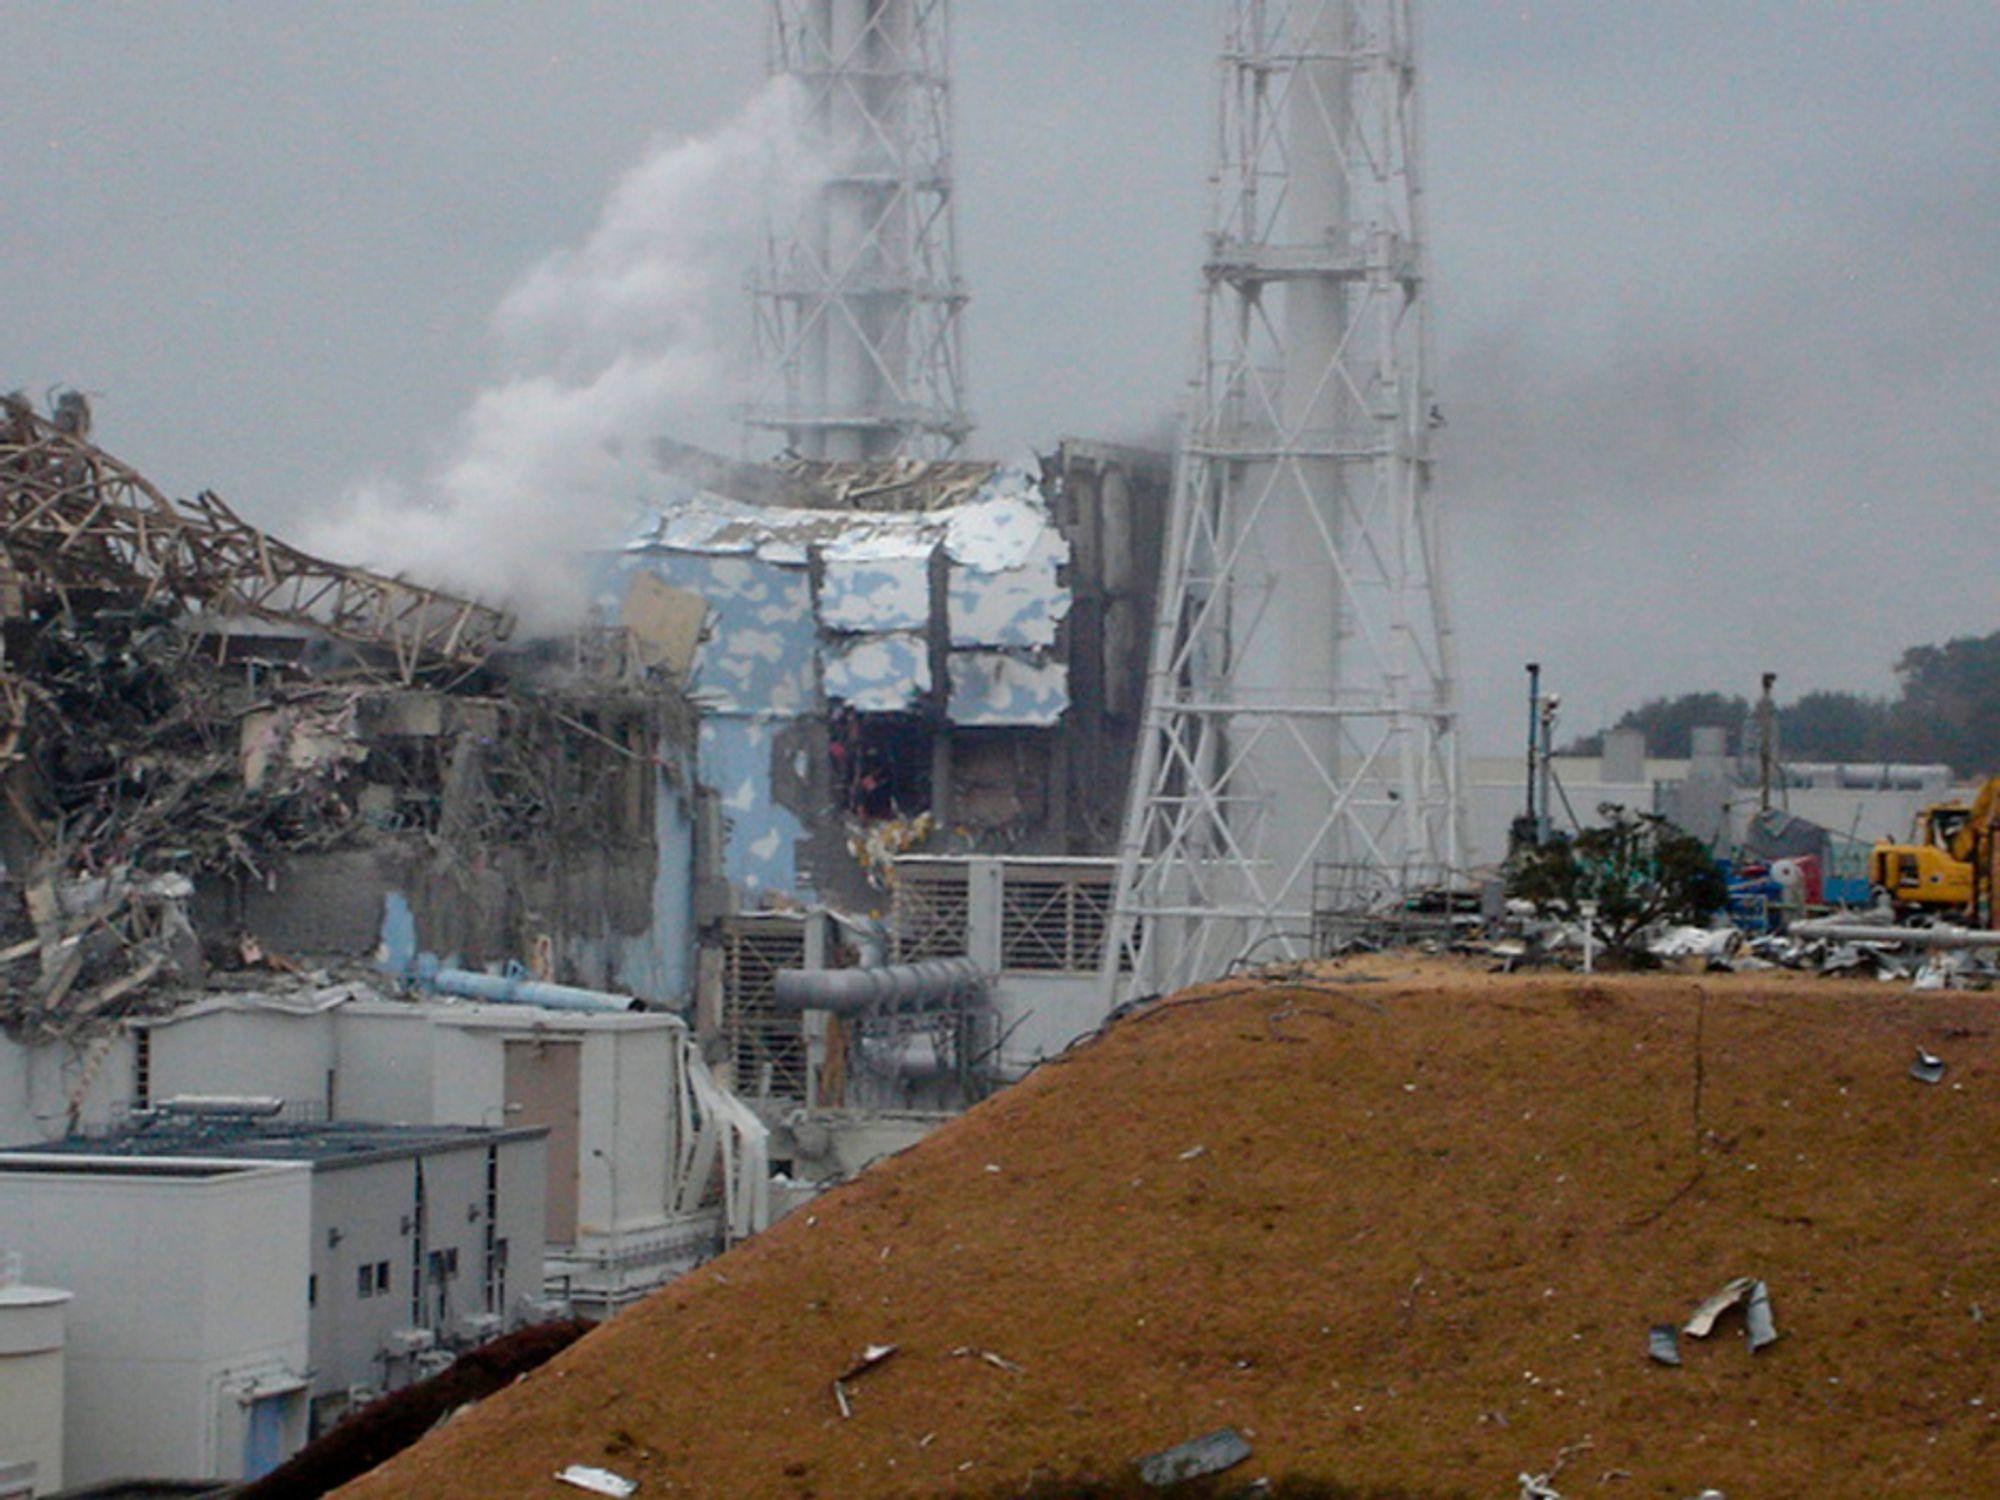 KONSEKVENSER: Fukushima-hendelsen har fått store følger for Japan. Nå vil de endre hele energi-strategien sin.